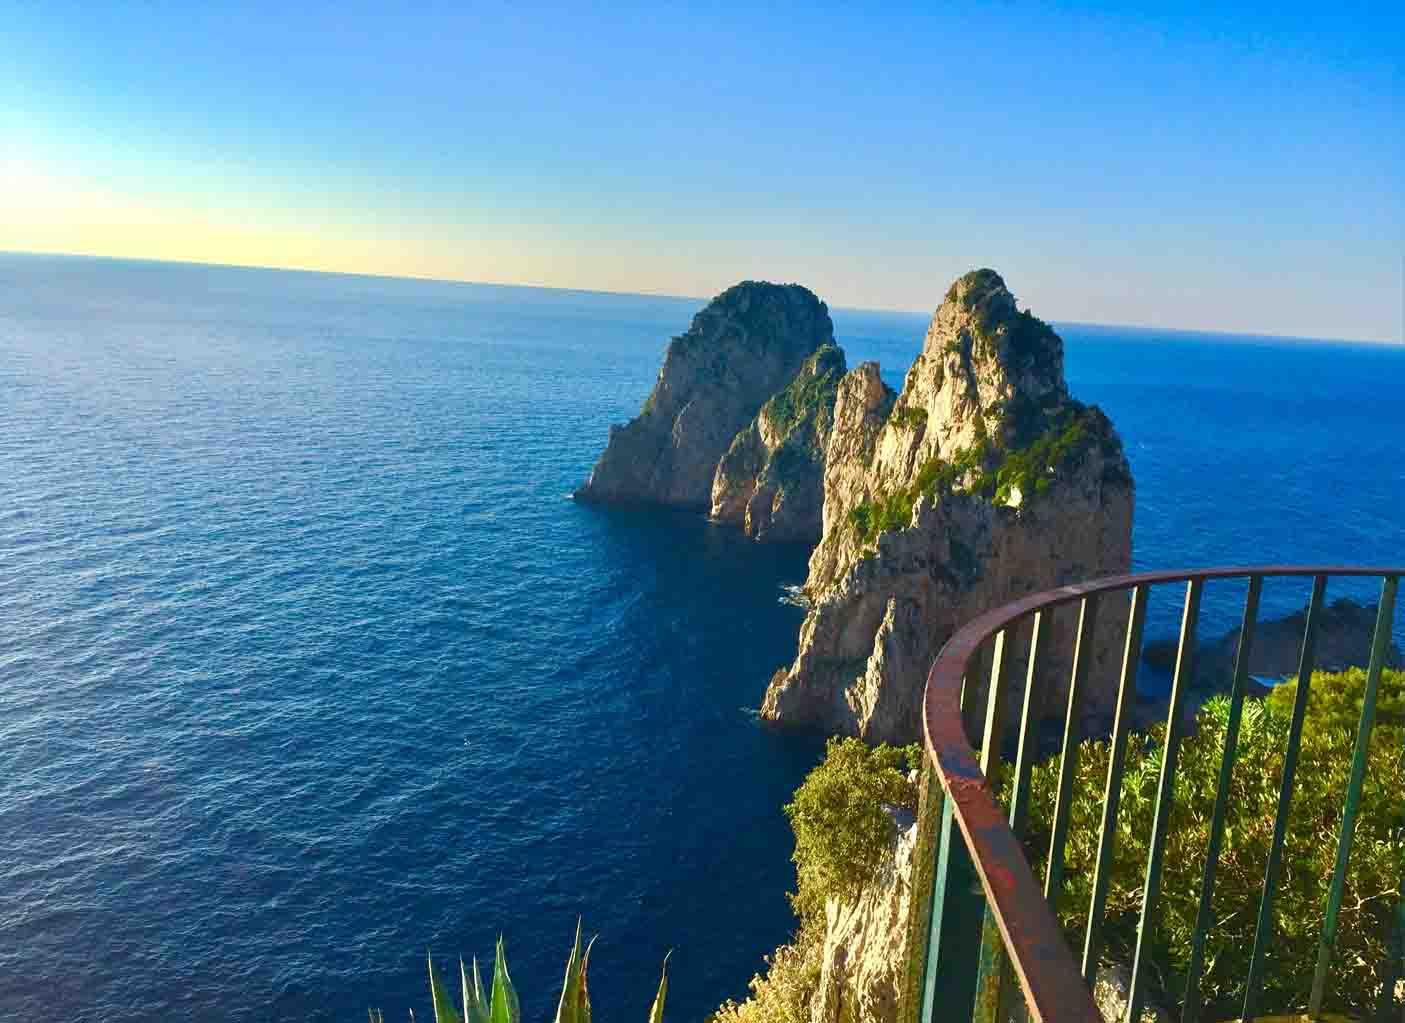 Vacanze di Settembre a Capri: Le proposte di Hotel, Bed and breakfast e Appartamenti